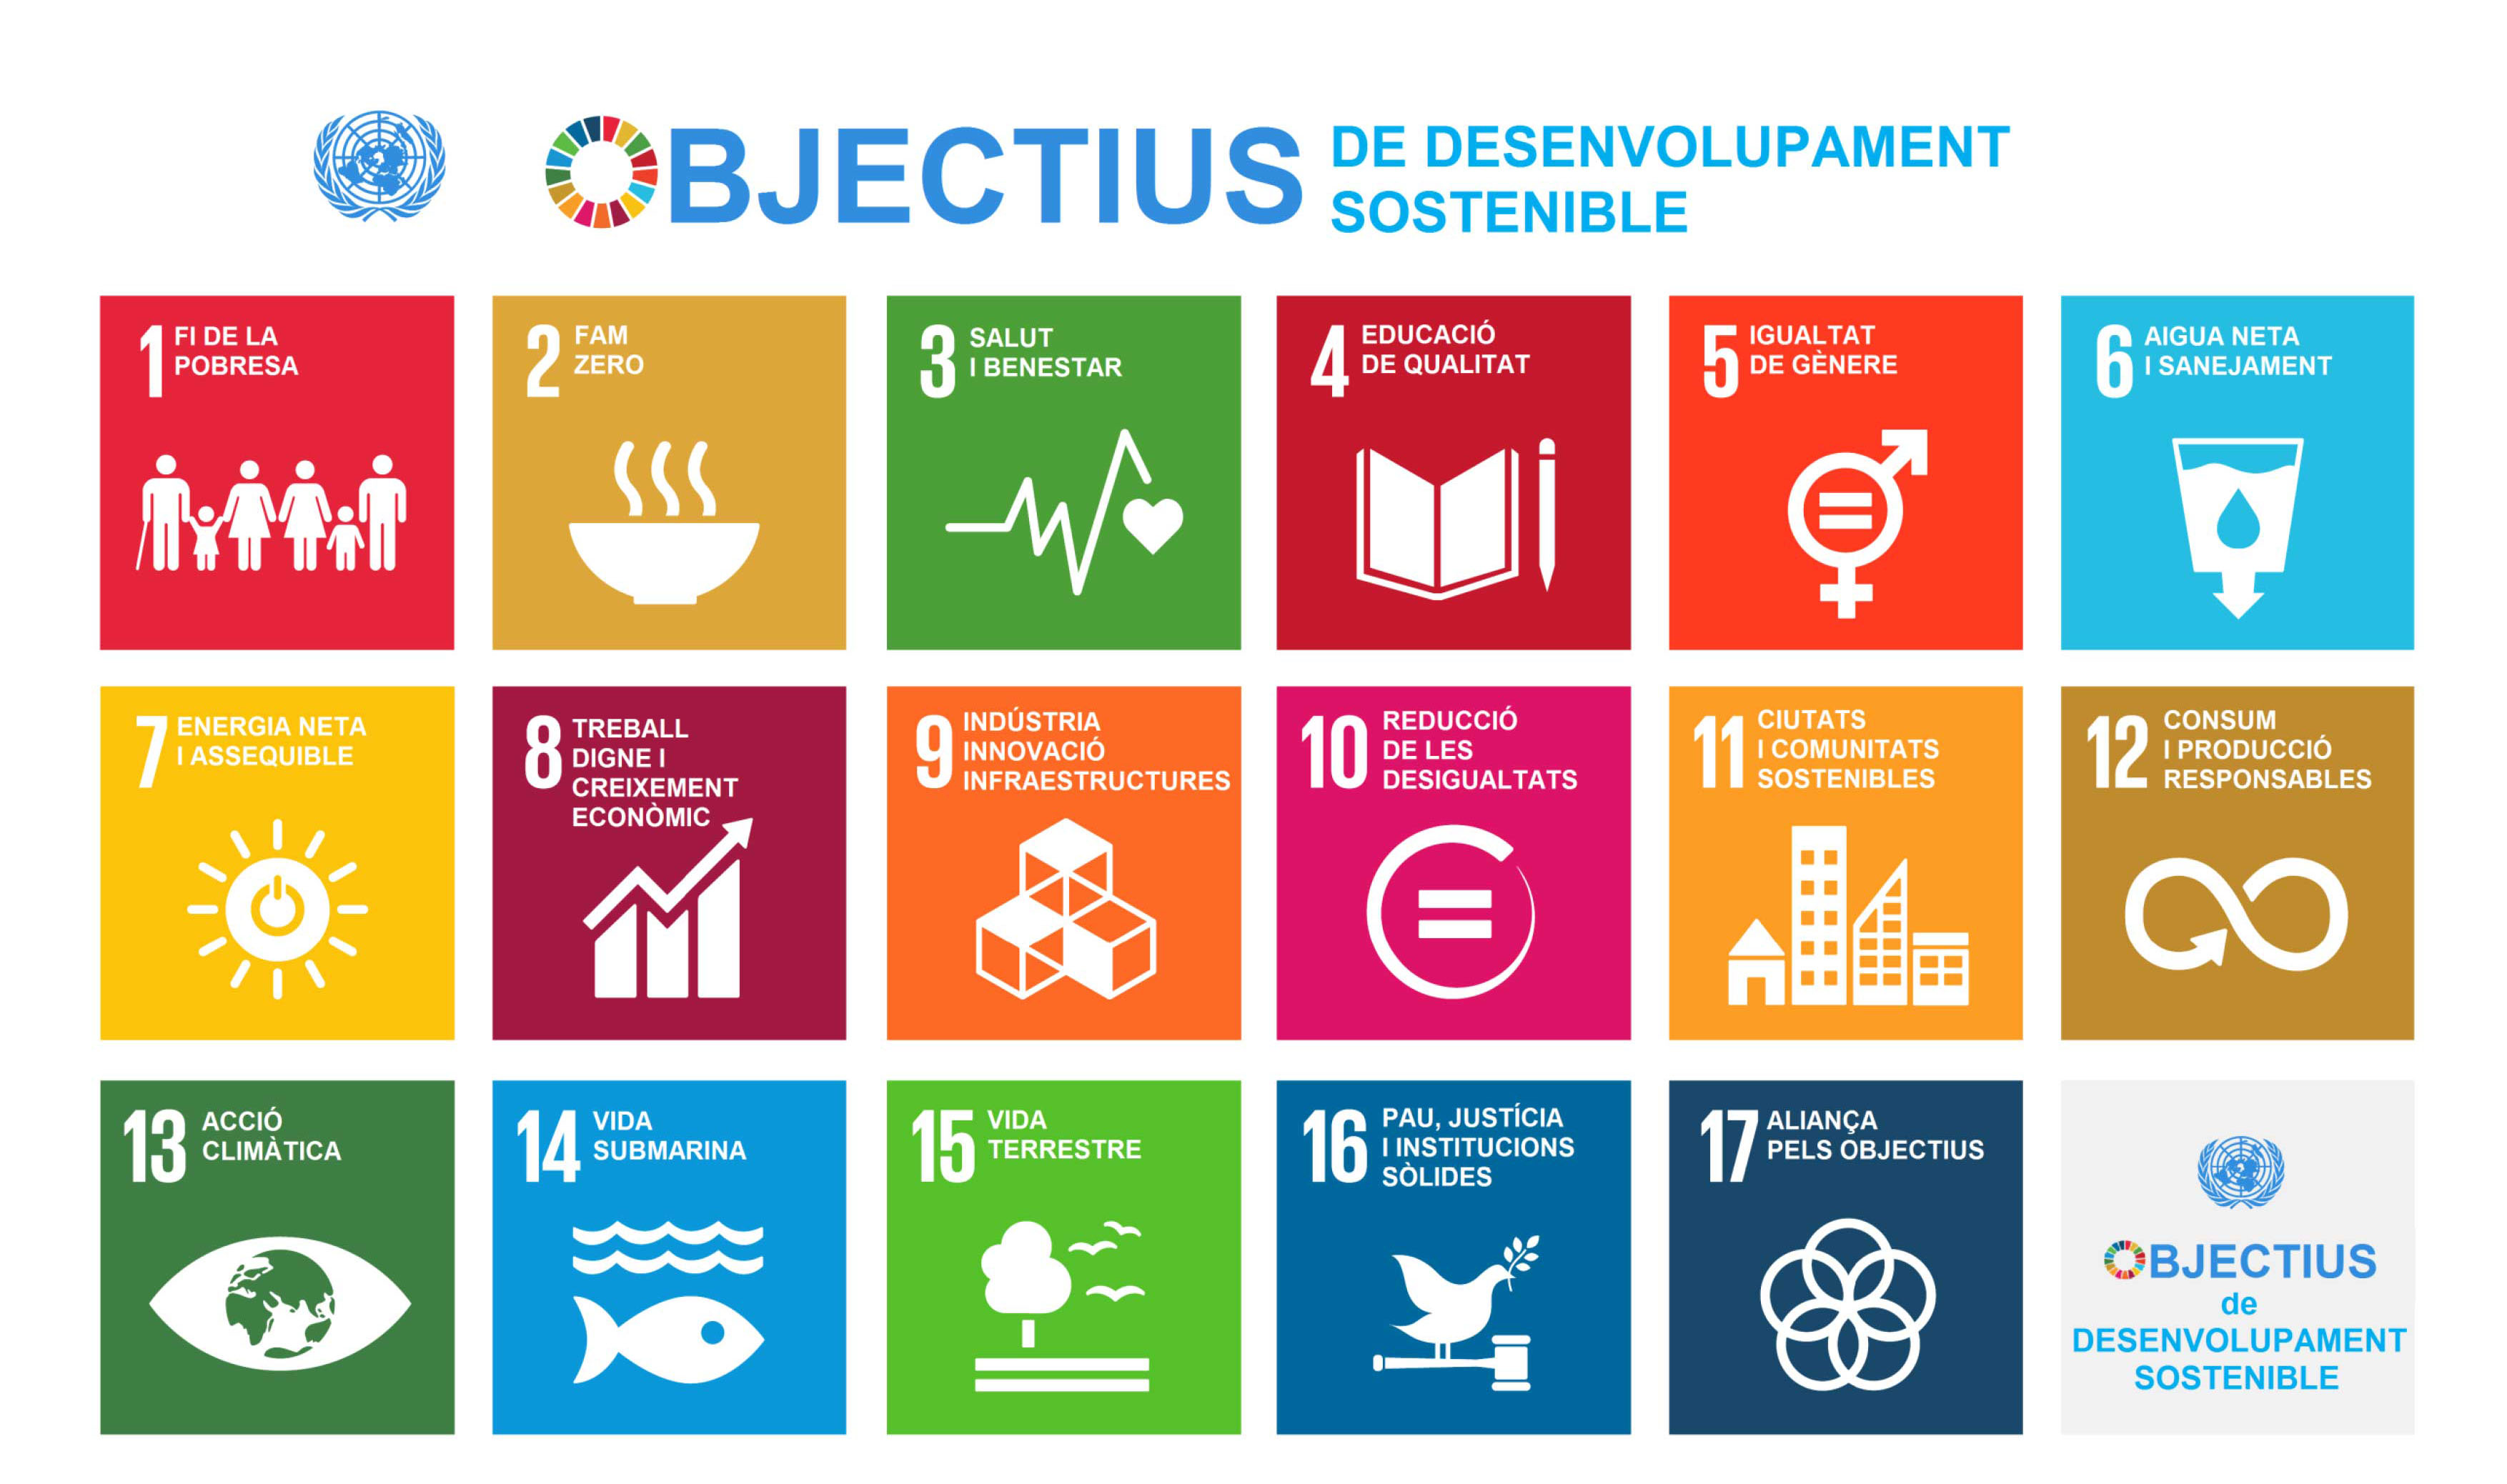 Objectius de Desenvolupament Sostenible - Atenció Primària Vallcarca-Sant Gervasi